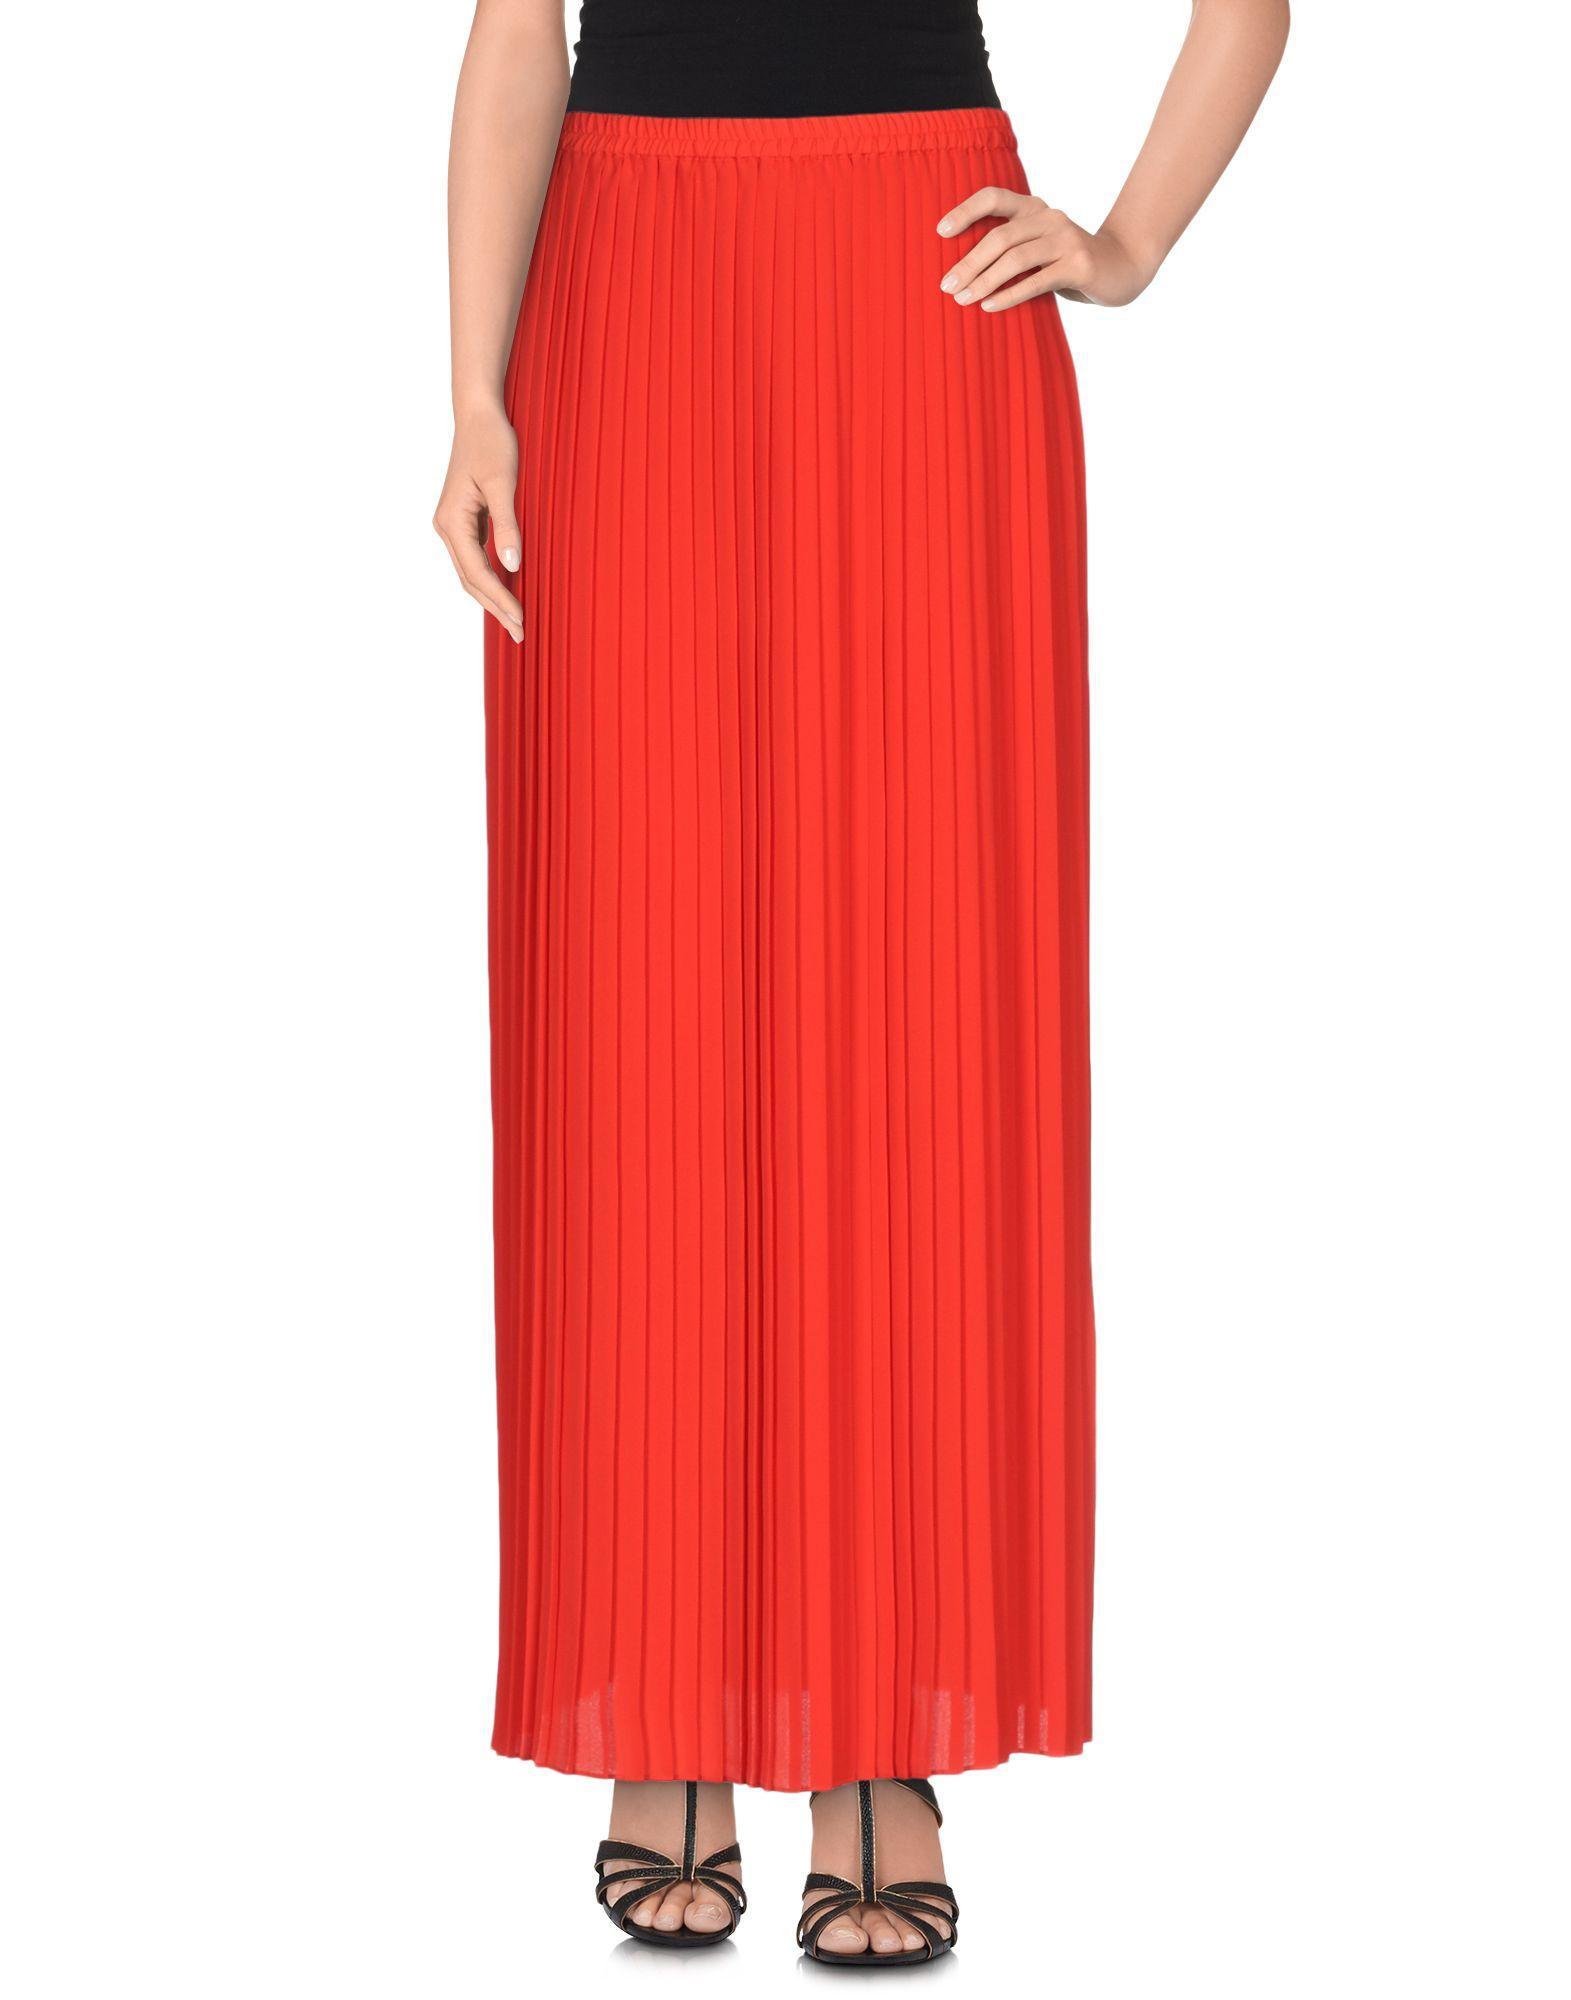 Lyst - Michael Michael Kors Long Skirt in Red